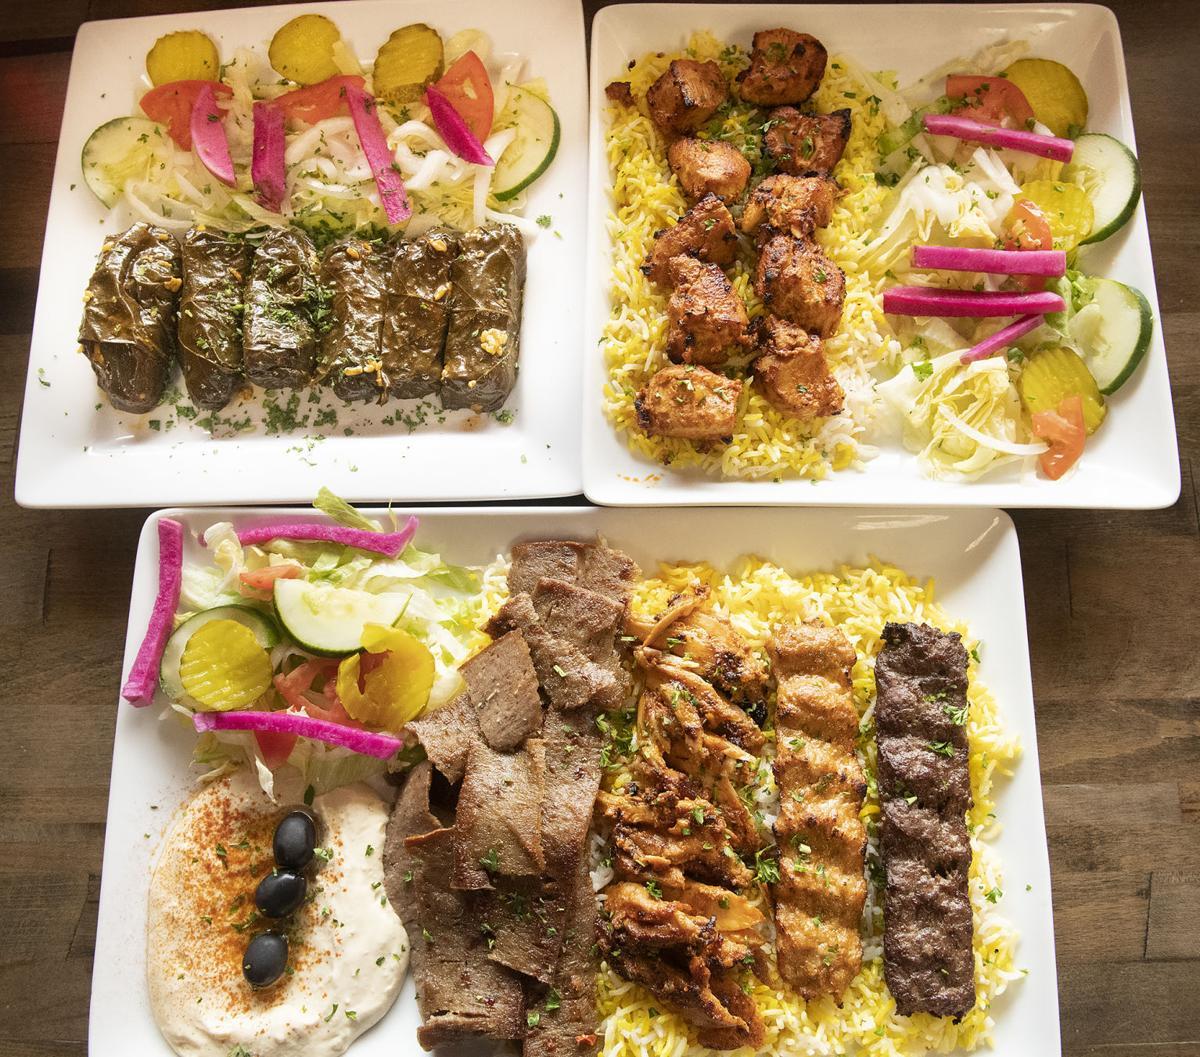 Taj Ali dining out